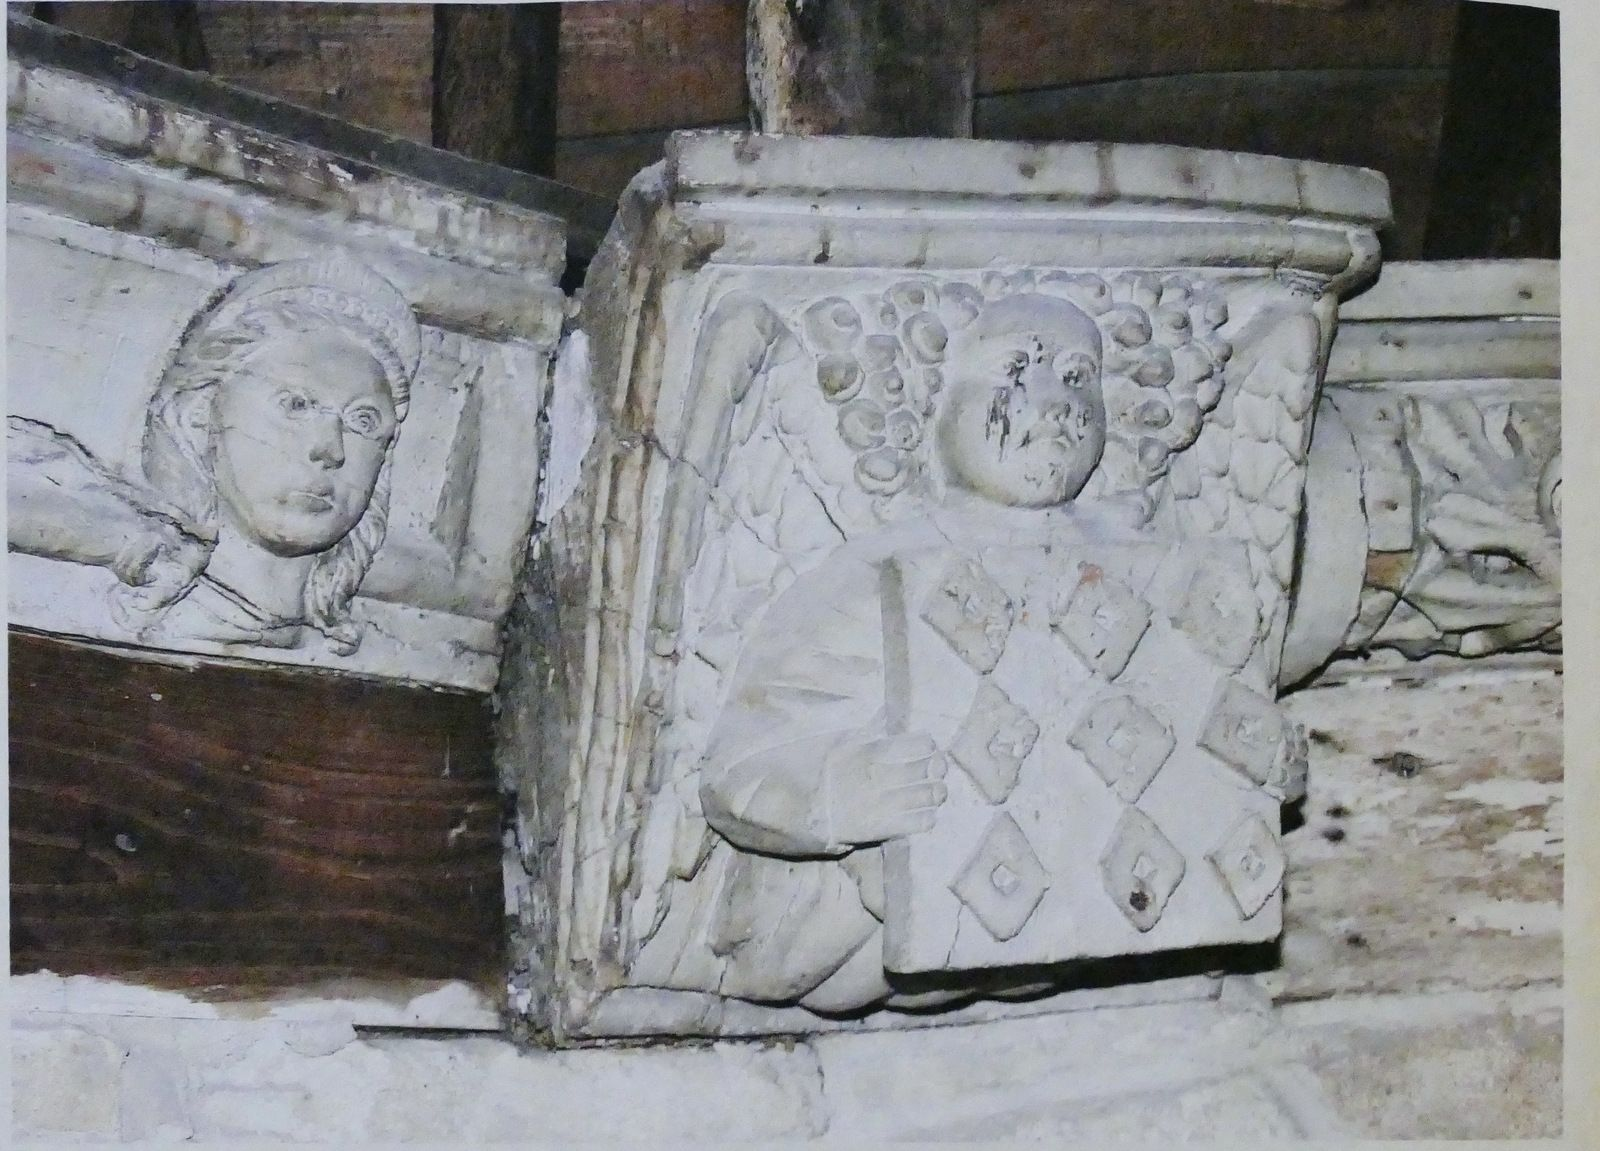 Ange présentant les armes des Rohan. Droits réservés Musée départemental breton de Quimper.